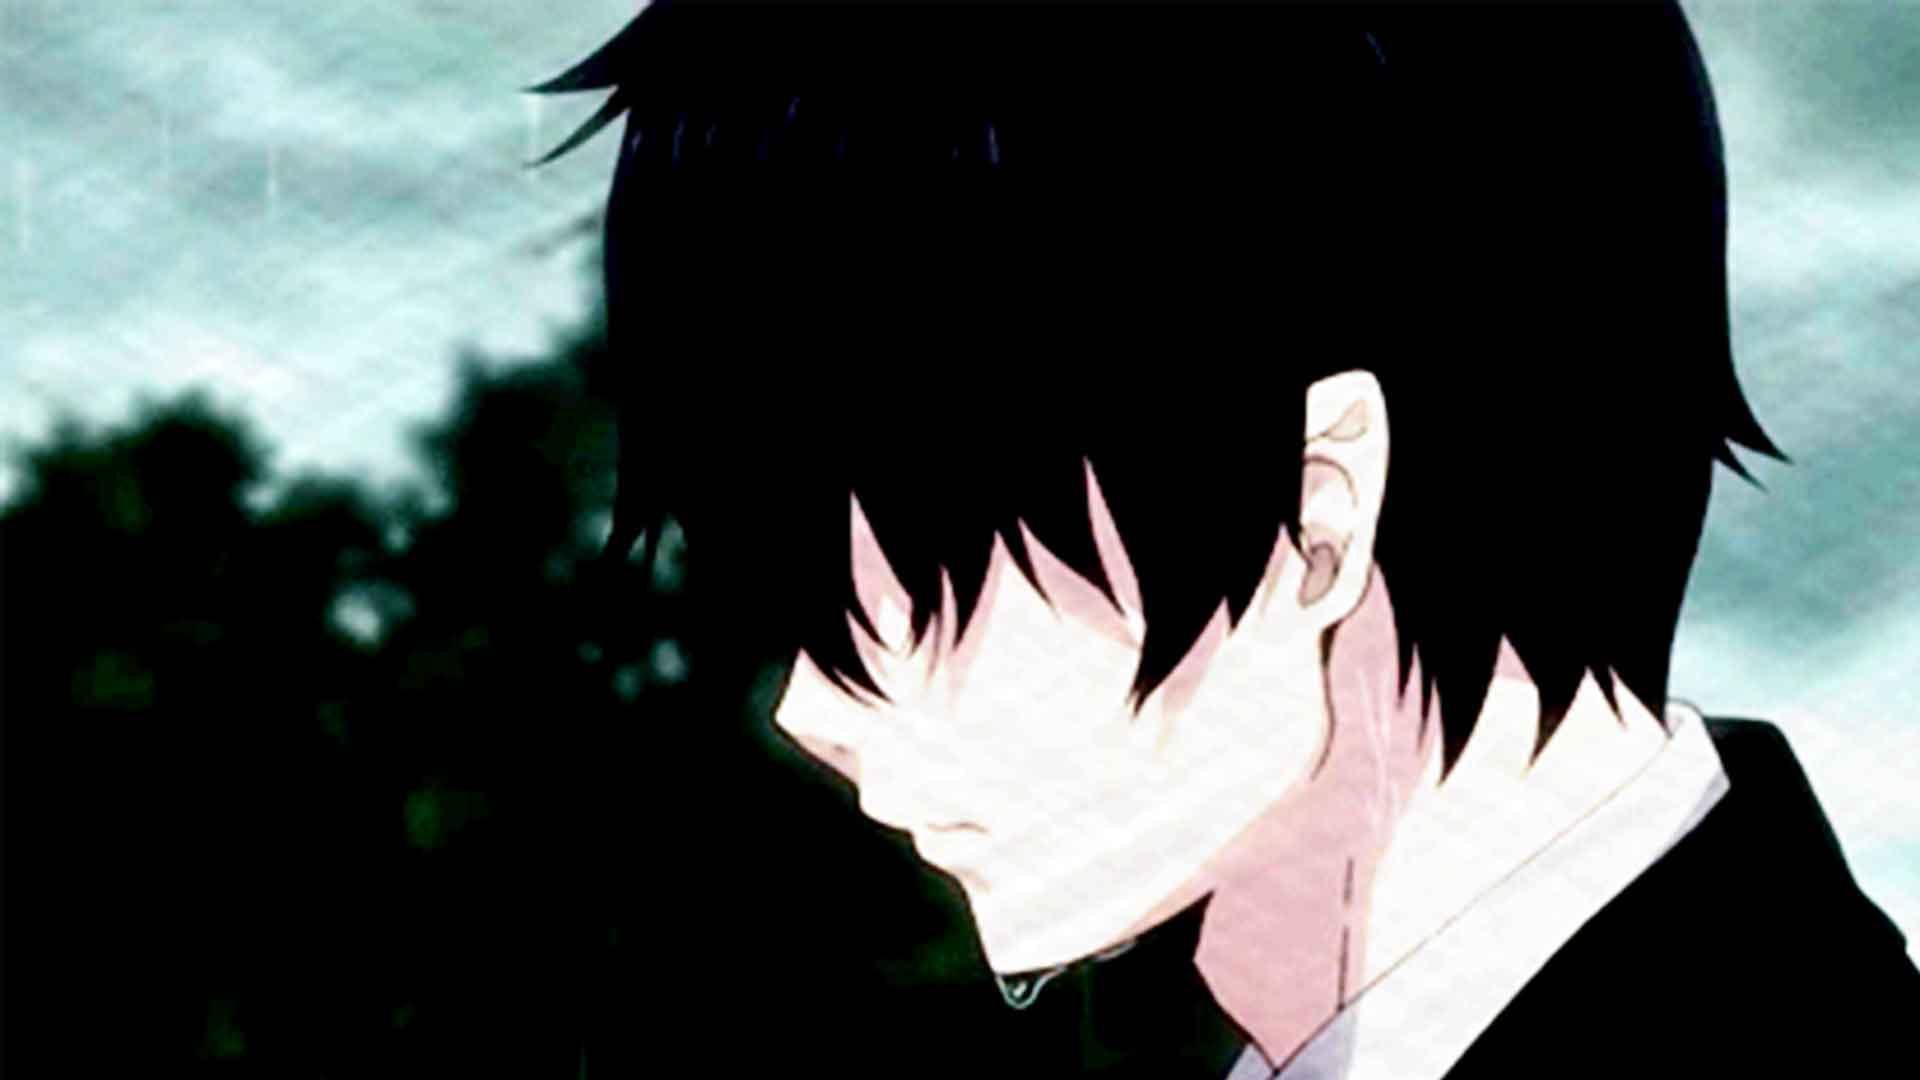 صور انمي عن الوحده Anime صور حزينة Sad Images